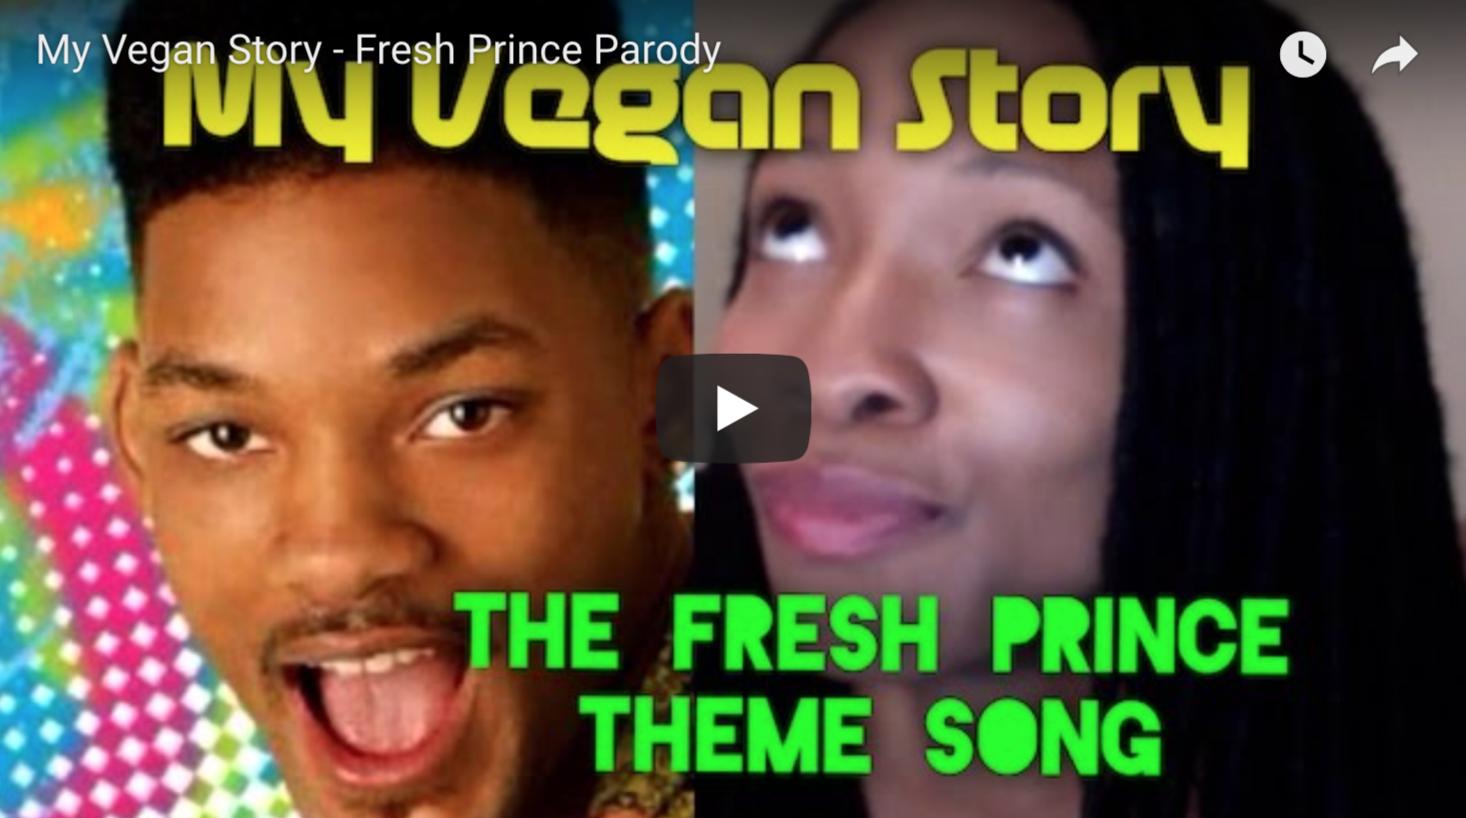 My Vegan Story - Fresh Prince Parody | VeganFlix